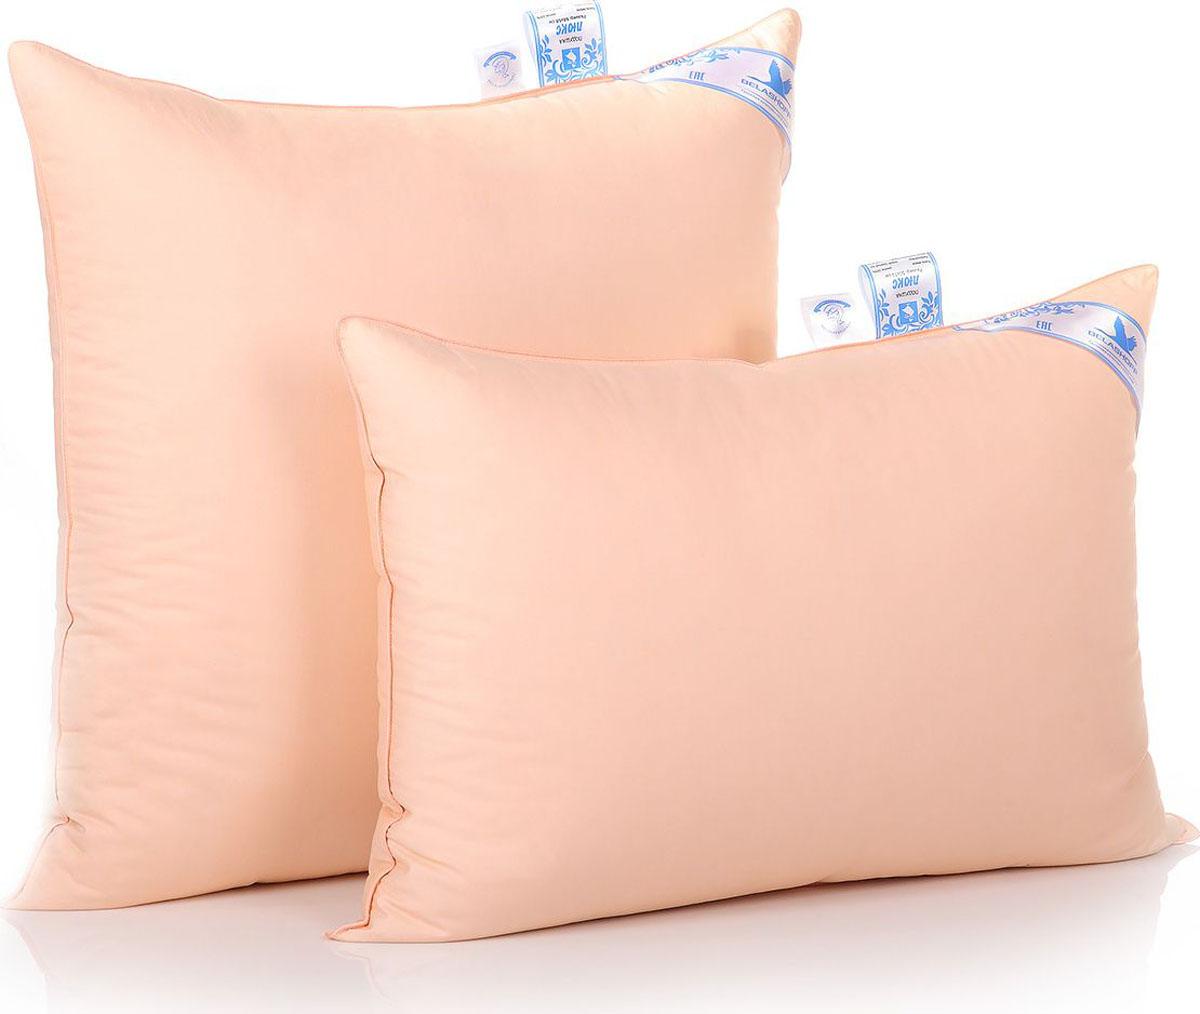 Belashoff Подушка Люкс цвет персиковый 50 x 70 смП1-2Элегантная классика коллекции Люкс — это постельные принадлежности для полноценного сна и отдыха. Приятные на ощупь, невероятно мягкие и легкие подушки и одеяла гарантируют традиционные качества наполнителя из гусиного пуха — воздухопроницаемость и теплоизоляцию при малом весе изделия. Они легко взбиваются, не теряют объем, и надолго сохраняют комфортное тепло.